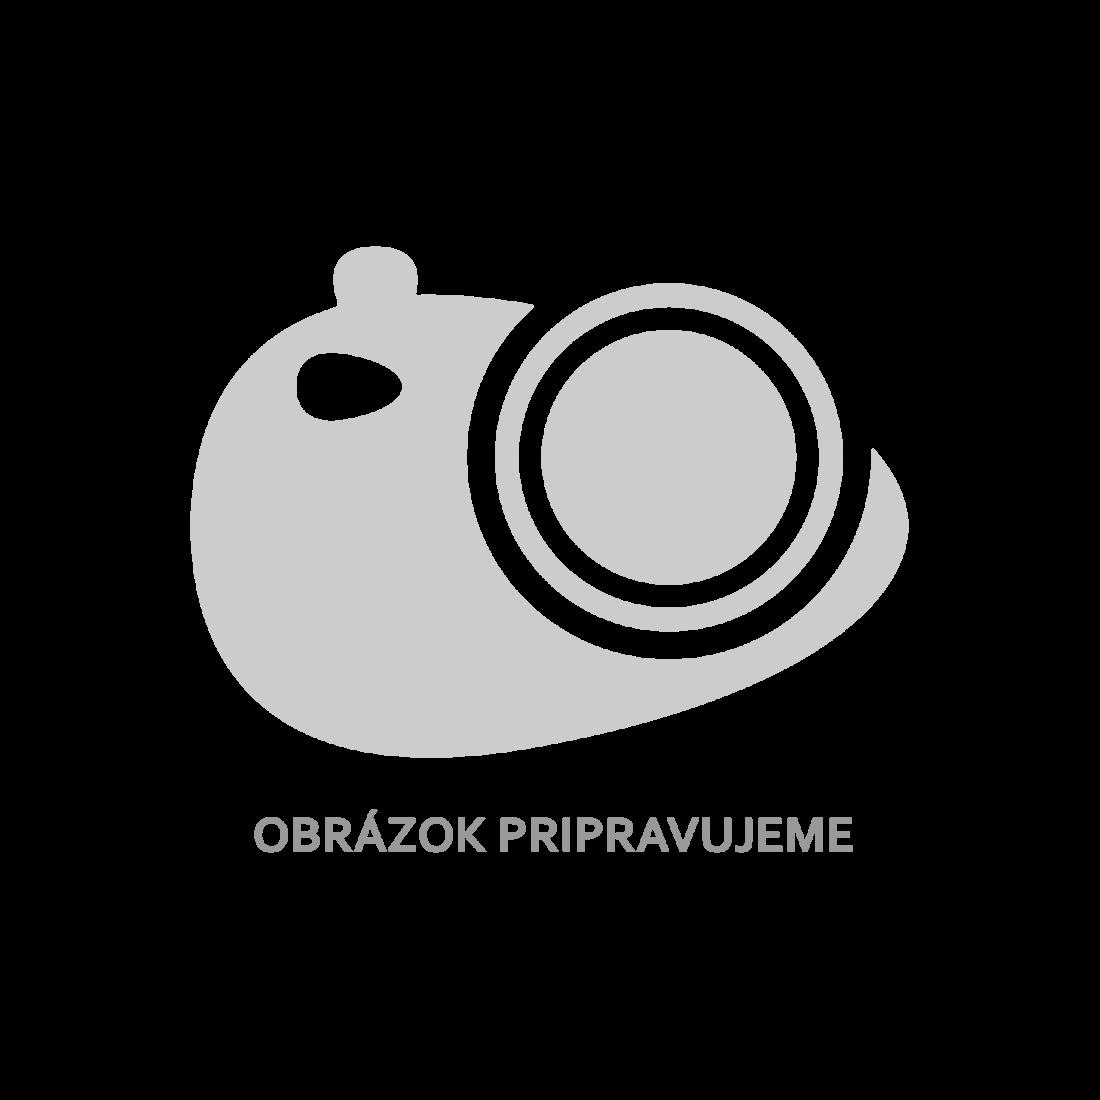 vidaXL Zahradní stůl zelený 89 cm plast [48806]